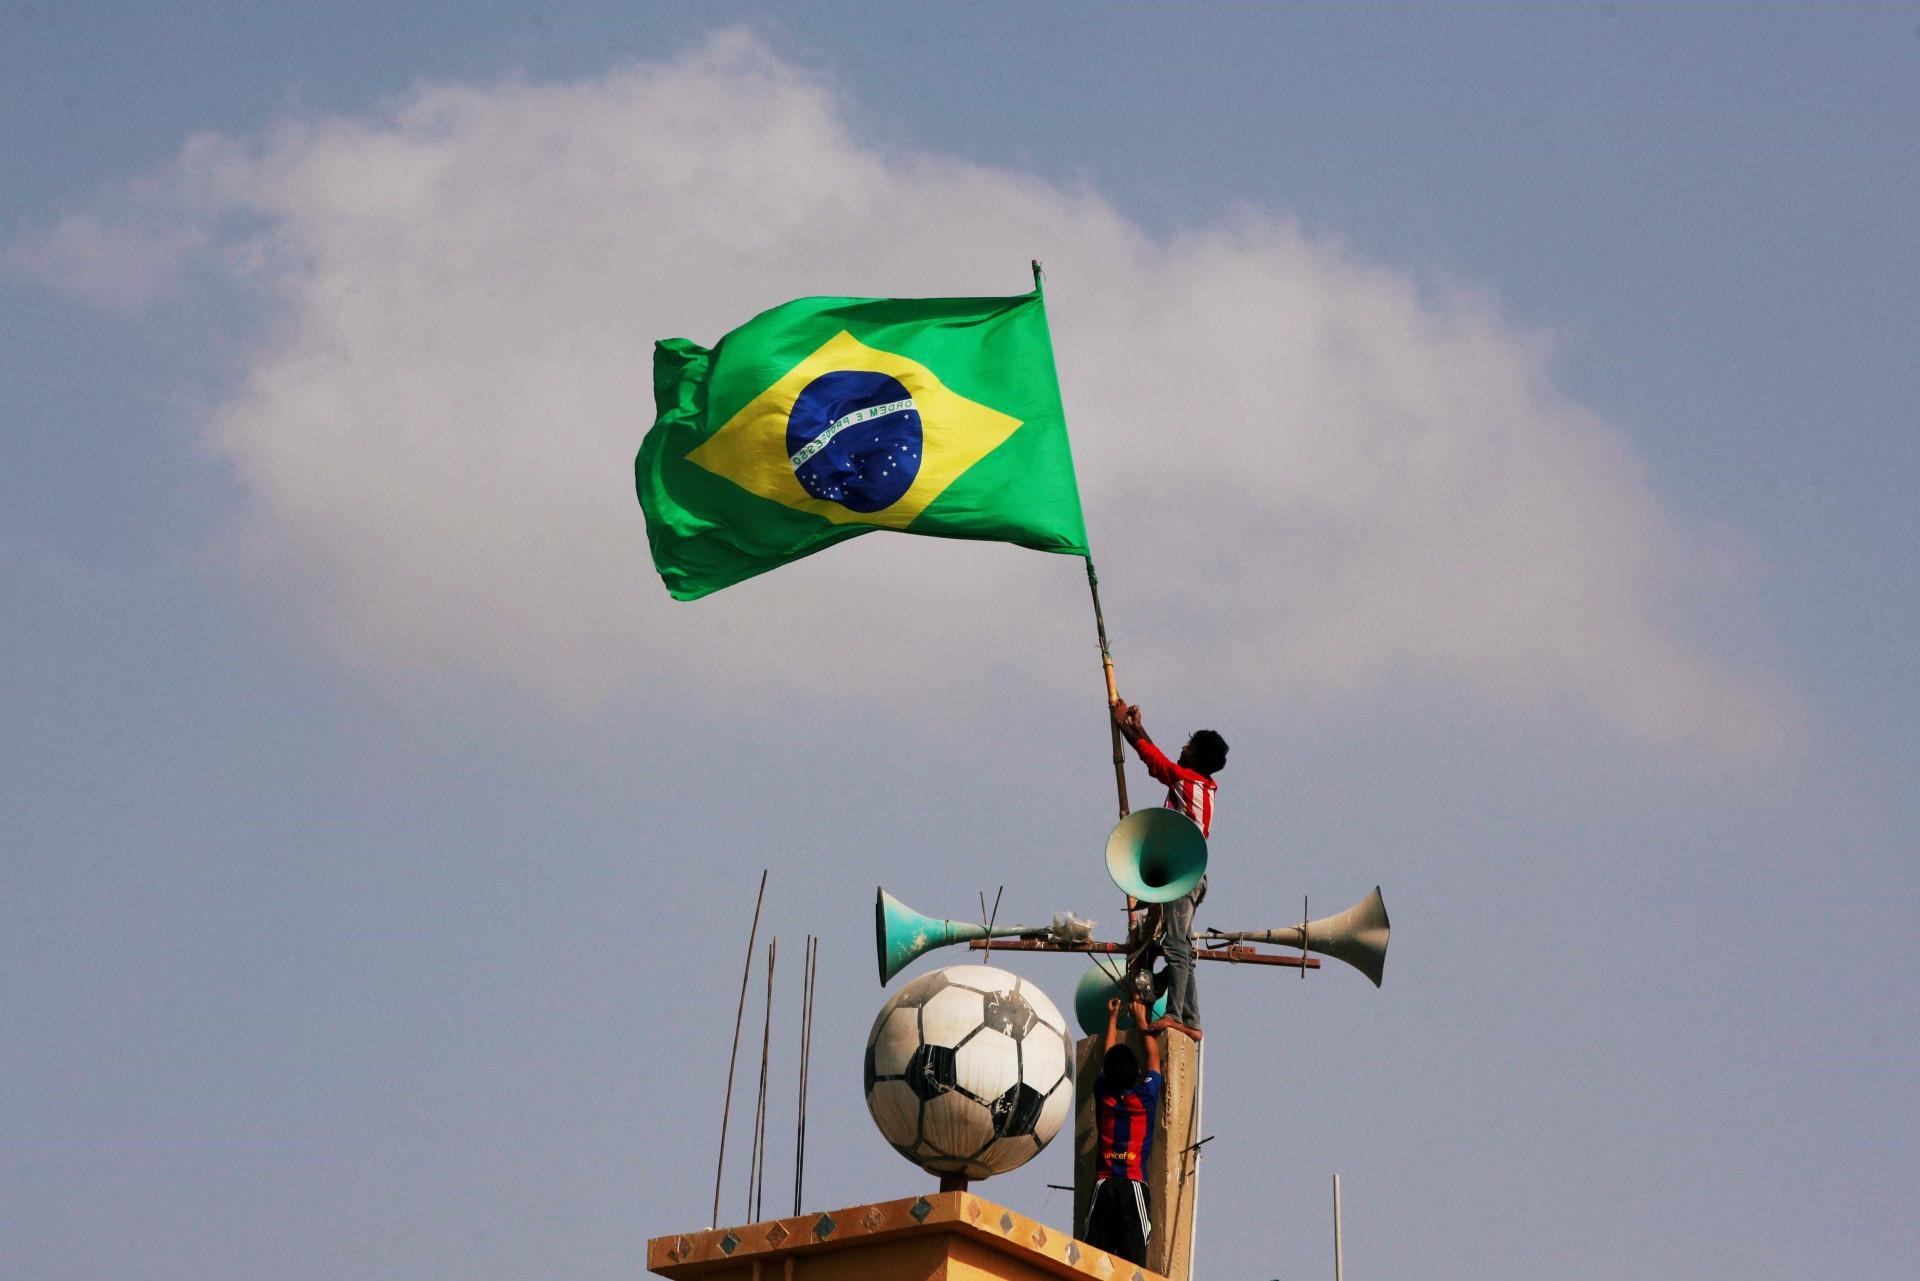 Clima de Copa do Mundo: as semelhanças entre Brasil e Rússia